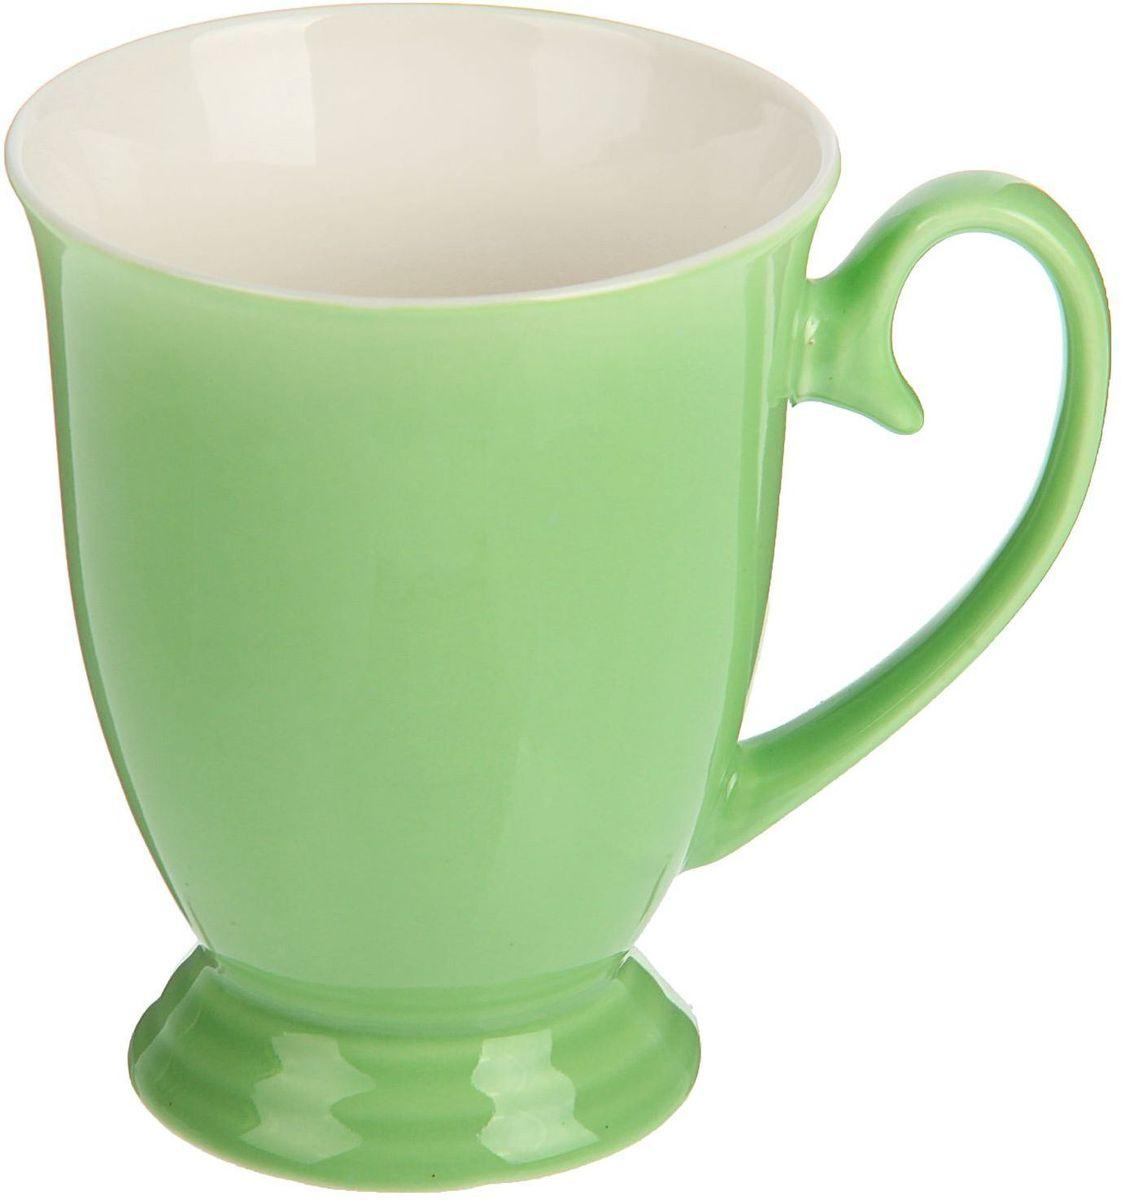 Кружка Доляна Венеция, цвет: зеленый, 300 мл1625285Кружка Доляна Венеция изготовлена из керамики. Кружка станет отличным подарком для родных и близких. Это любимый аксессуар на долгие годы.Относитесь к изделию бережно, и оно будет дарить прекрасное настроение каждый день.